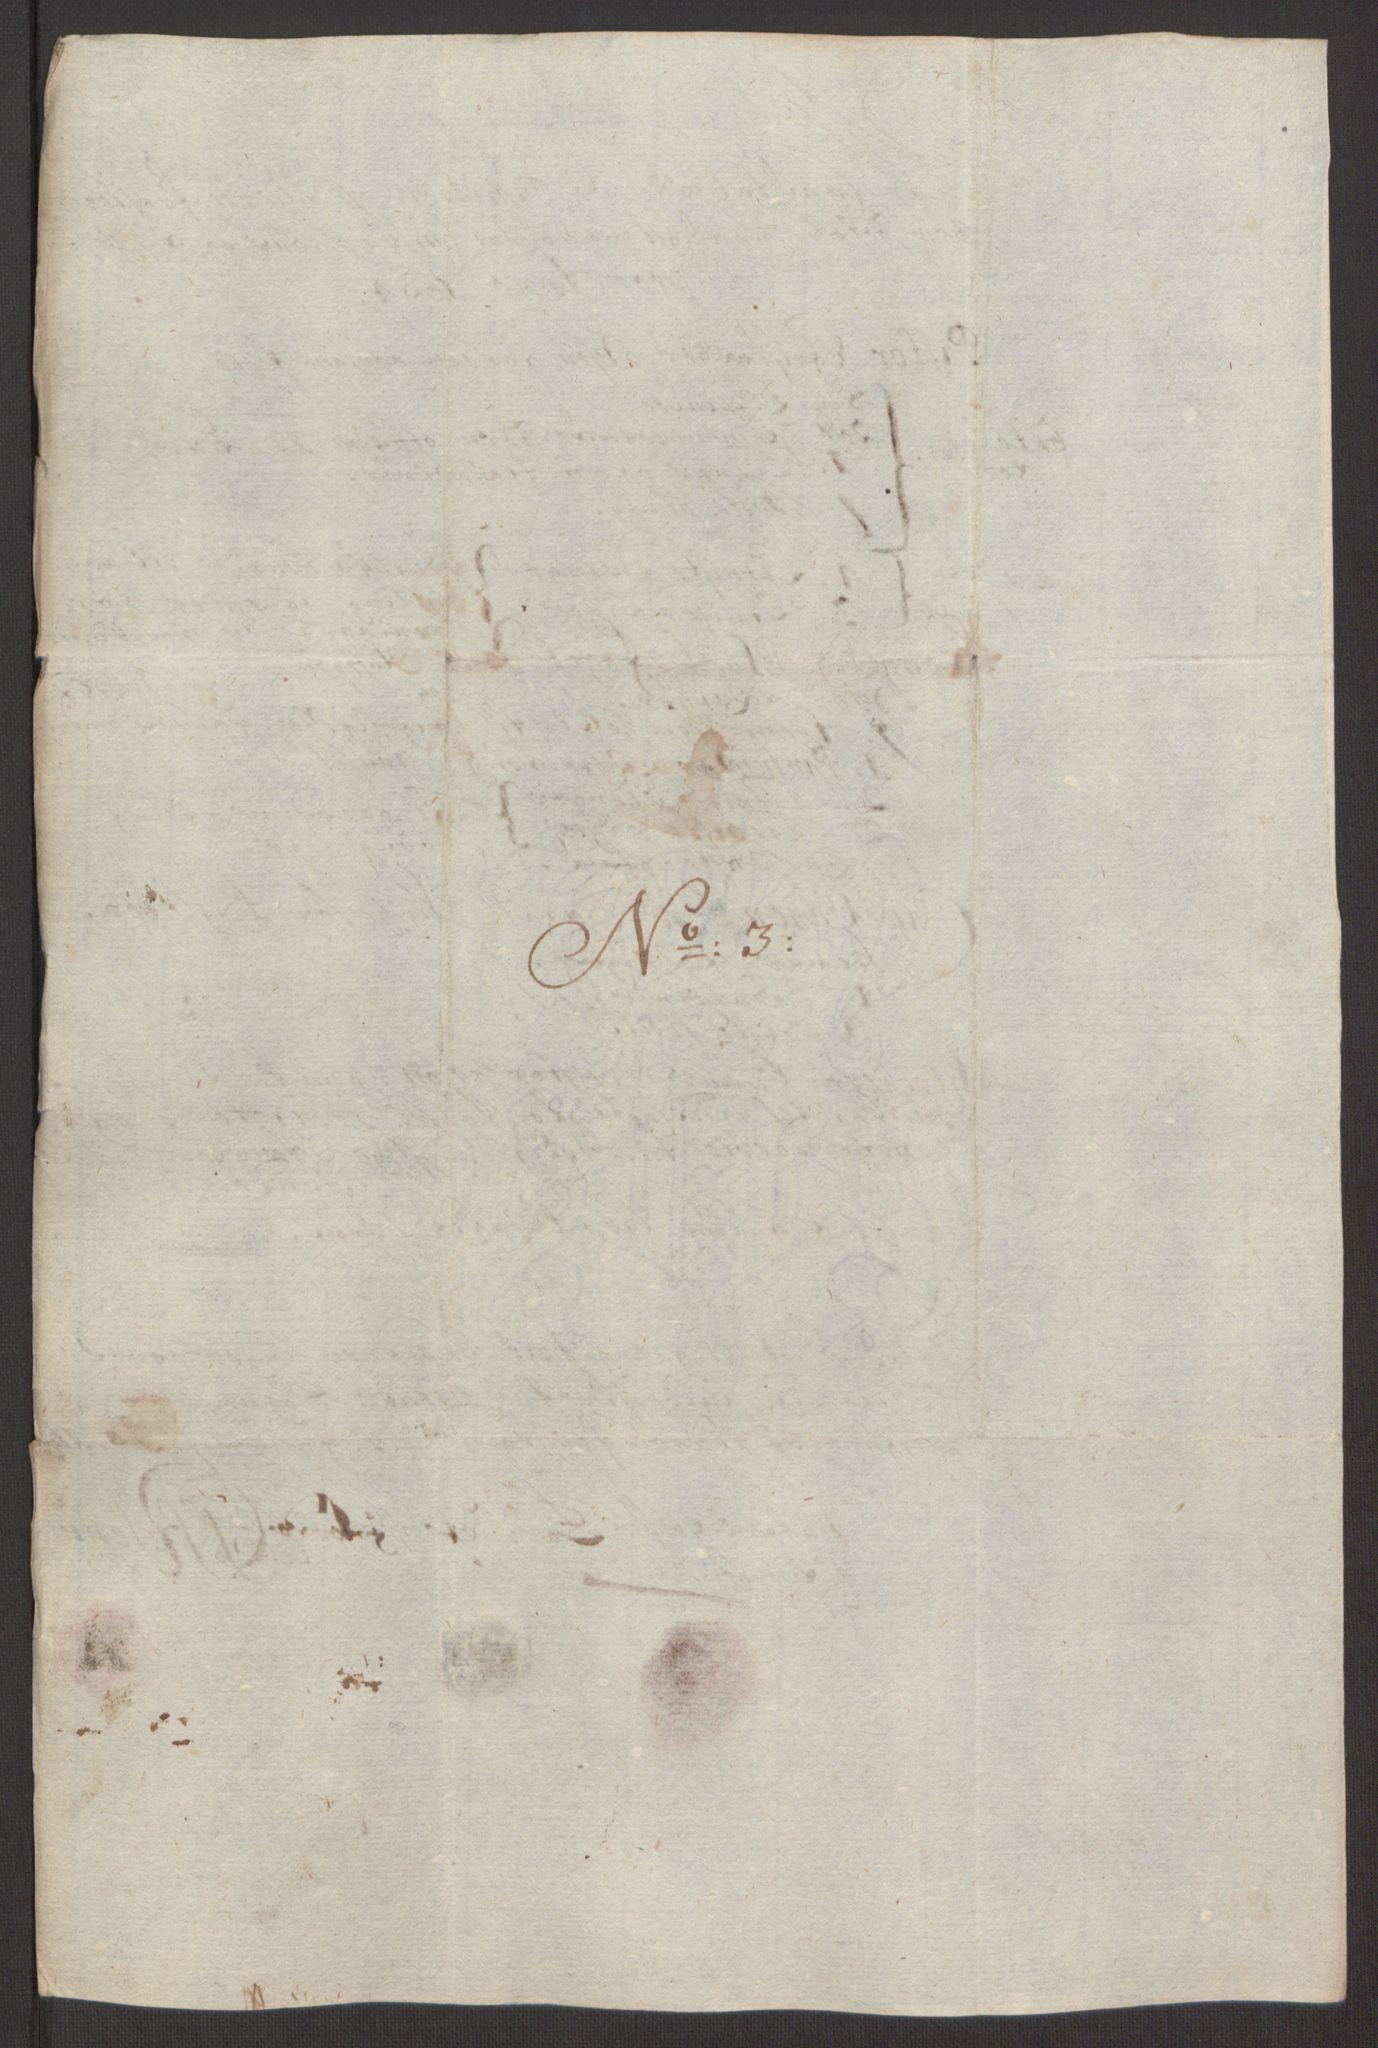 RA, Rentekammeret inntil 1814, Reviderte regnskaper, Fogderegnskap, R64/L4424: Fogderegnskap Namdal, 1692-1695, s. 361